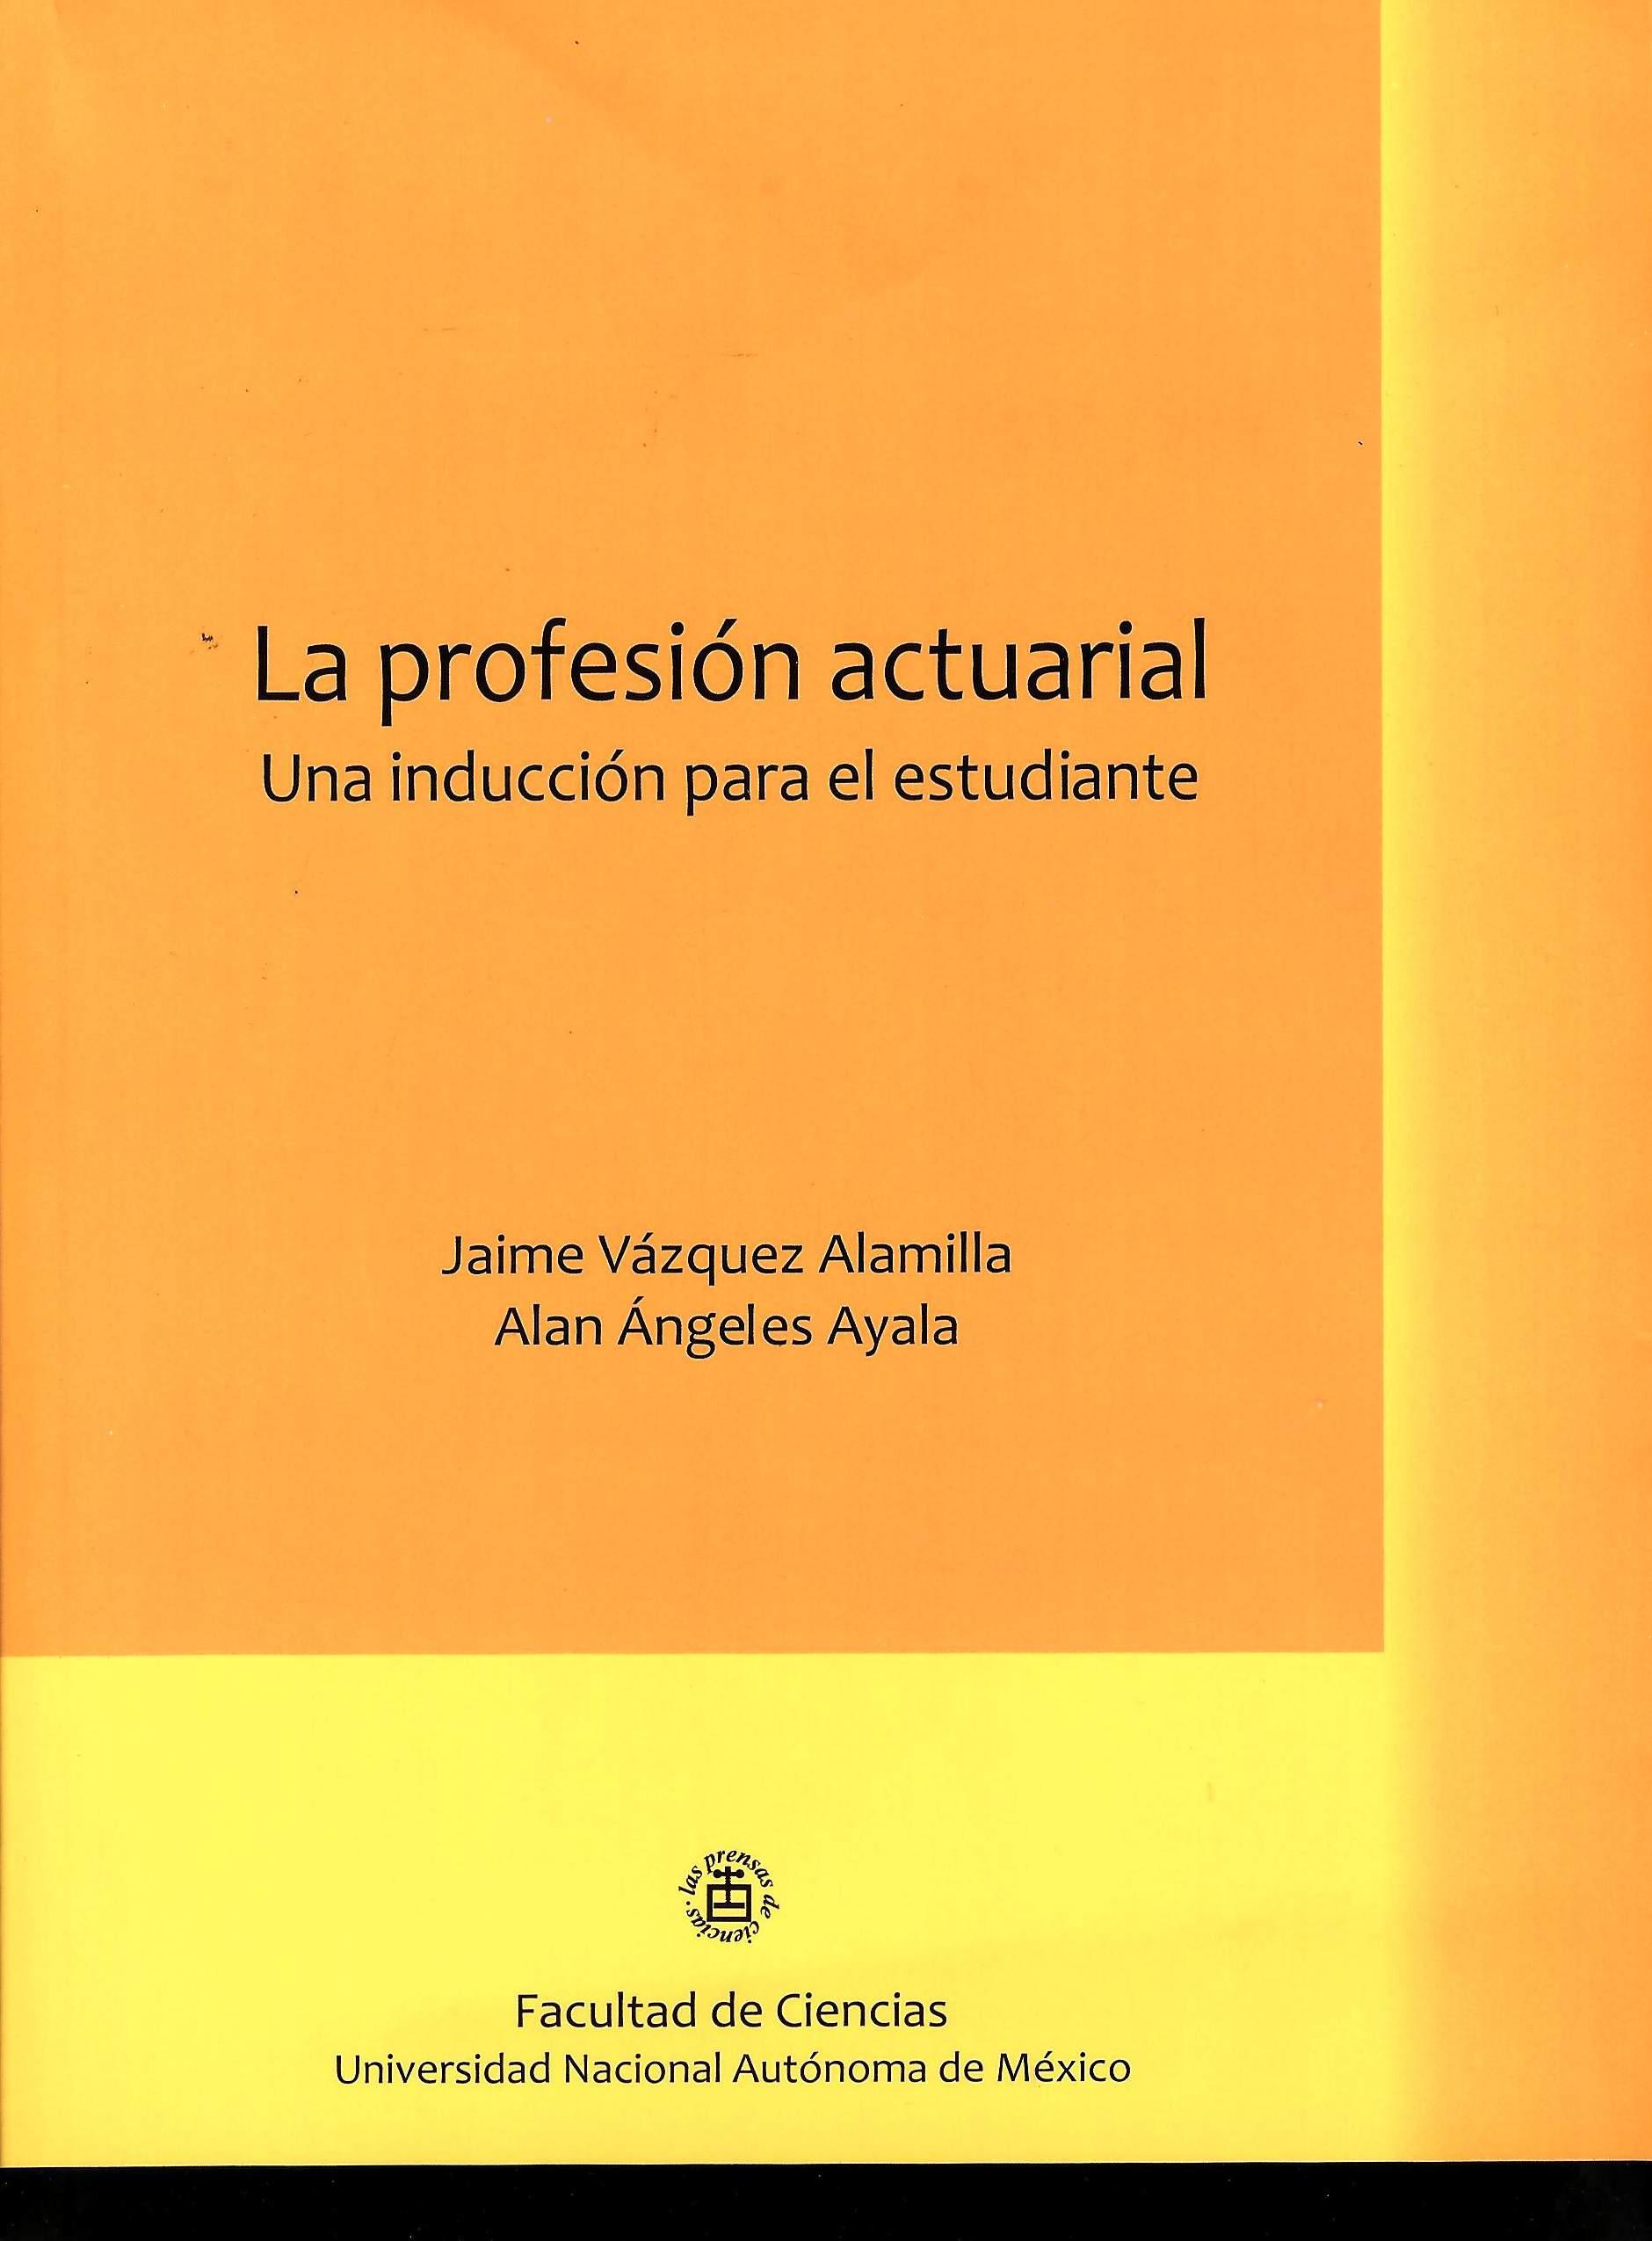 La profesión actuarial: una introducción para el estudiante